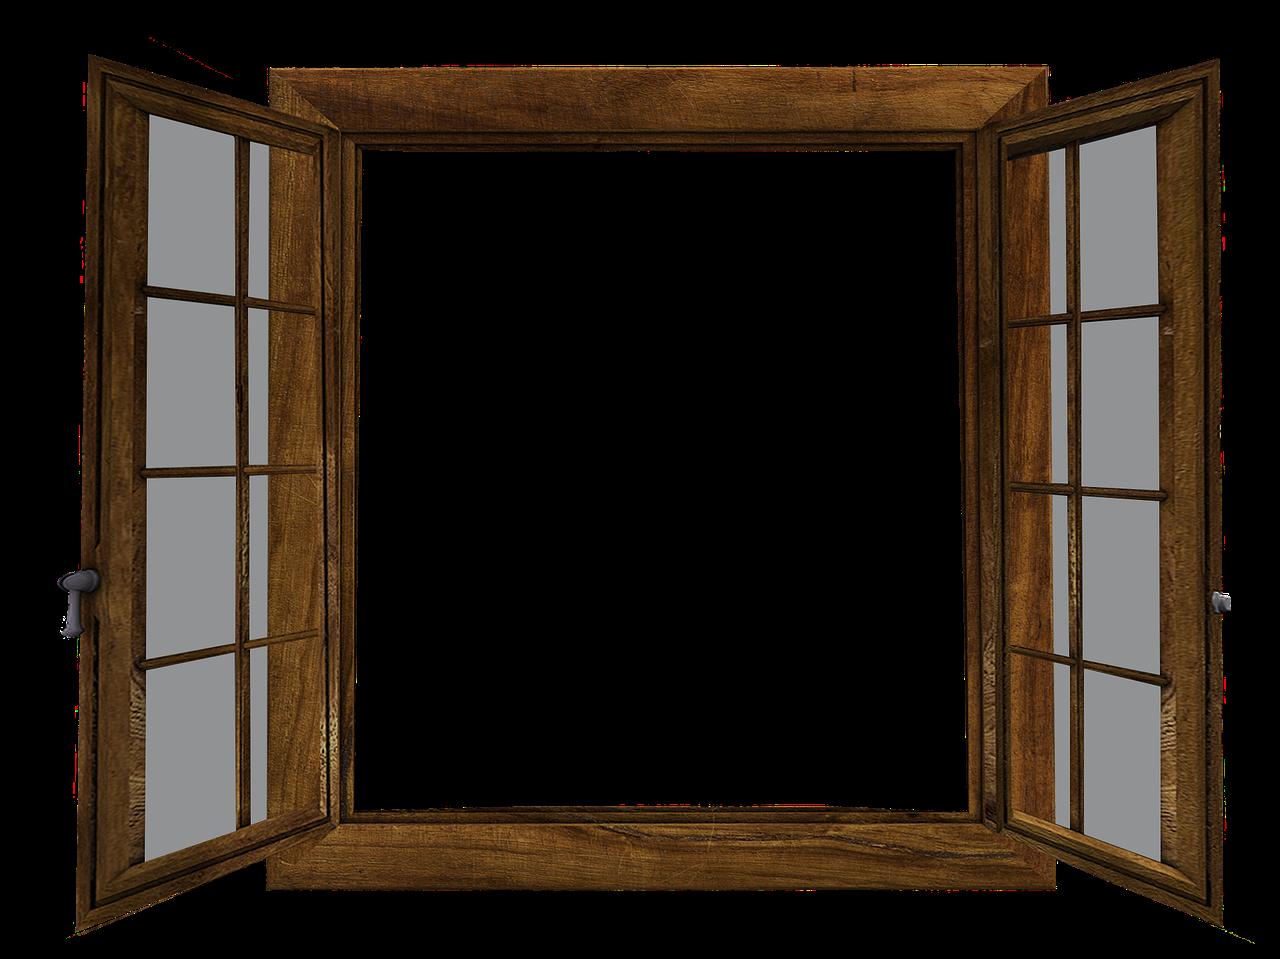 Full Size of Aluminium Fenster Sonnenschutz De Kaufen In Polen Insektenschutz Für Teleskopstange Trier Schüco Kbe Köln Neue Einbauen Obi Mit Lüftung Herne Fenster Einbruchschutz Fenster